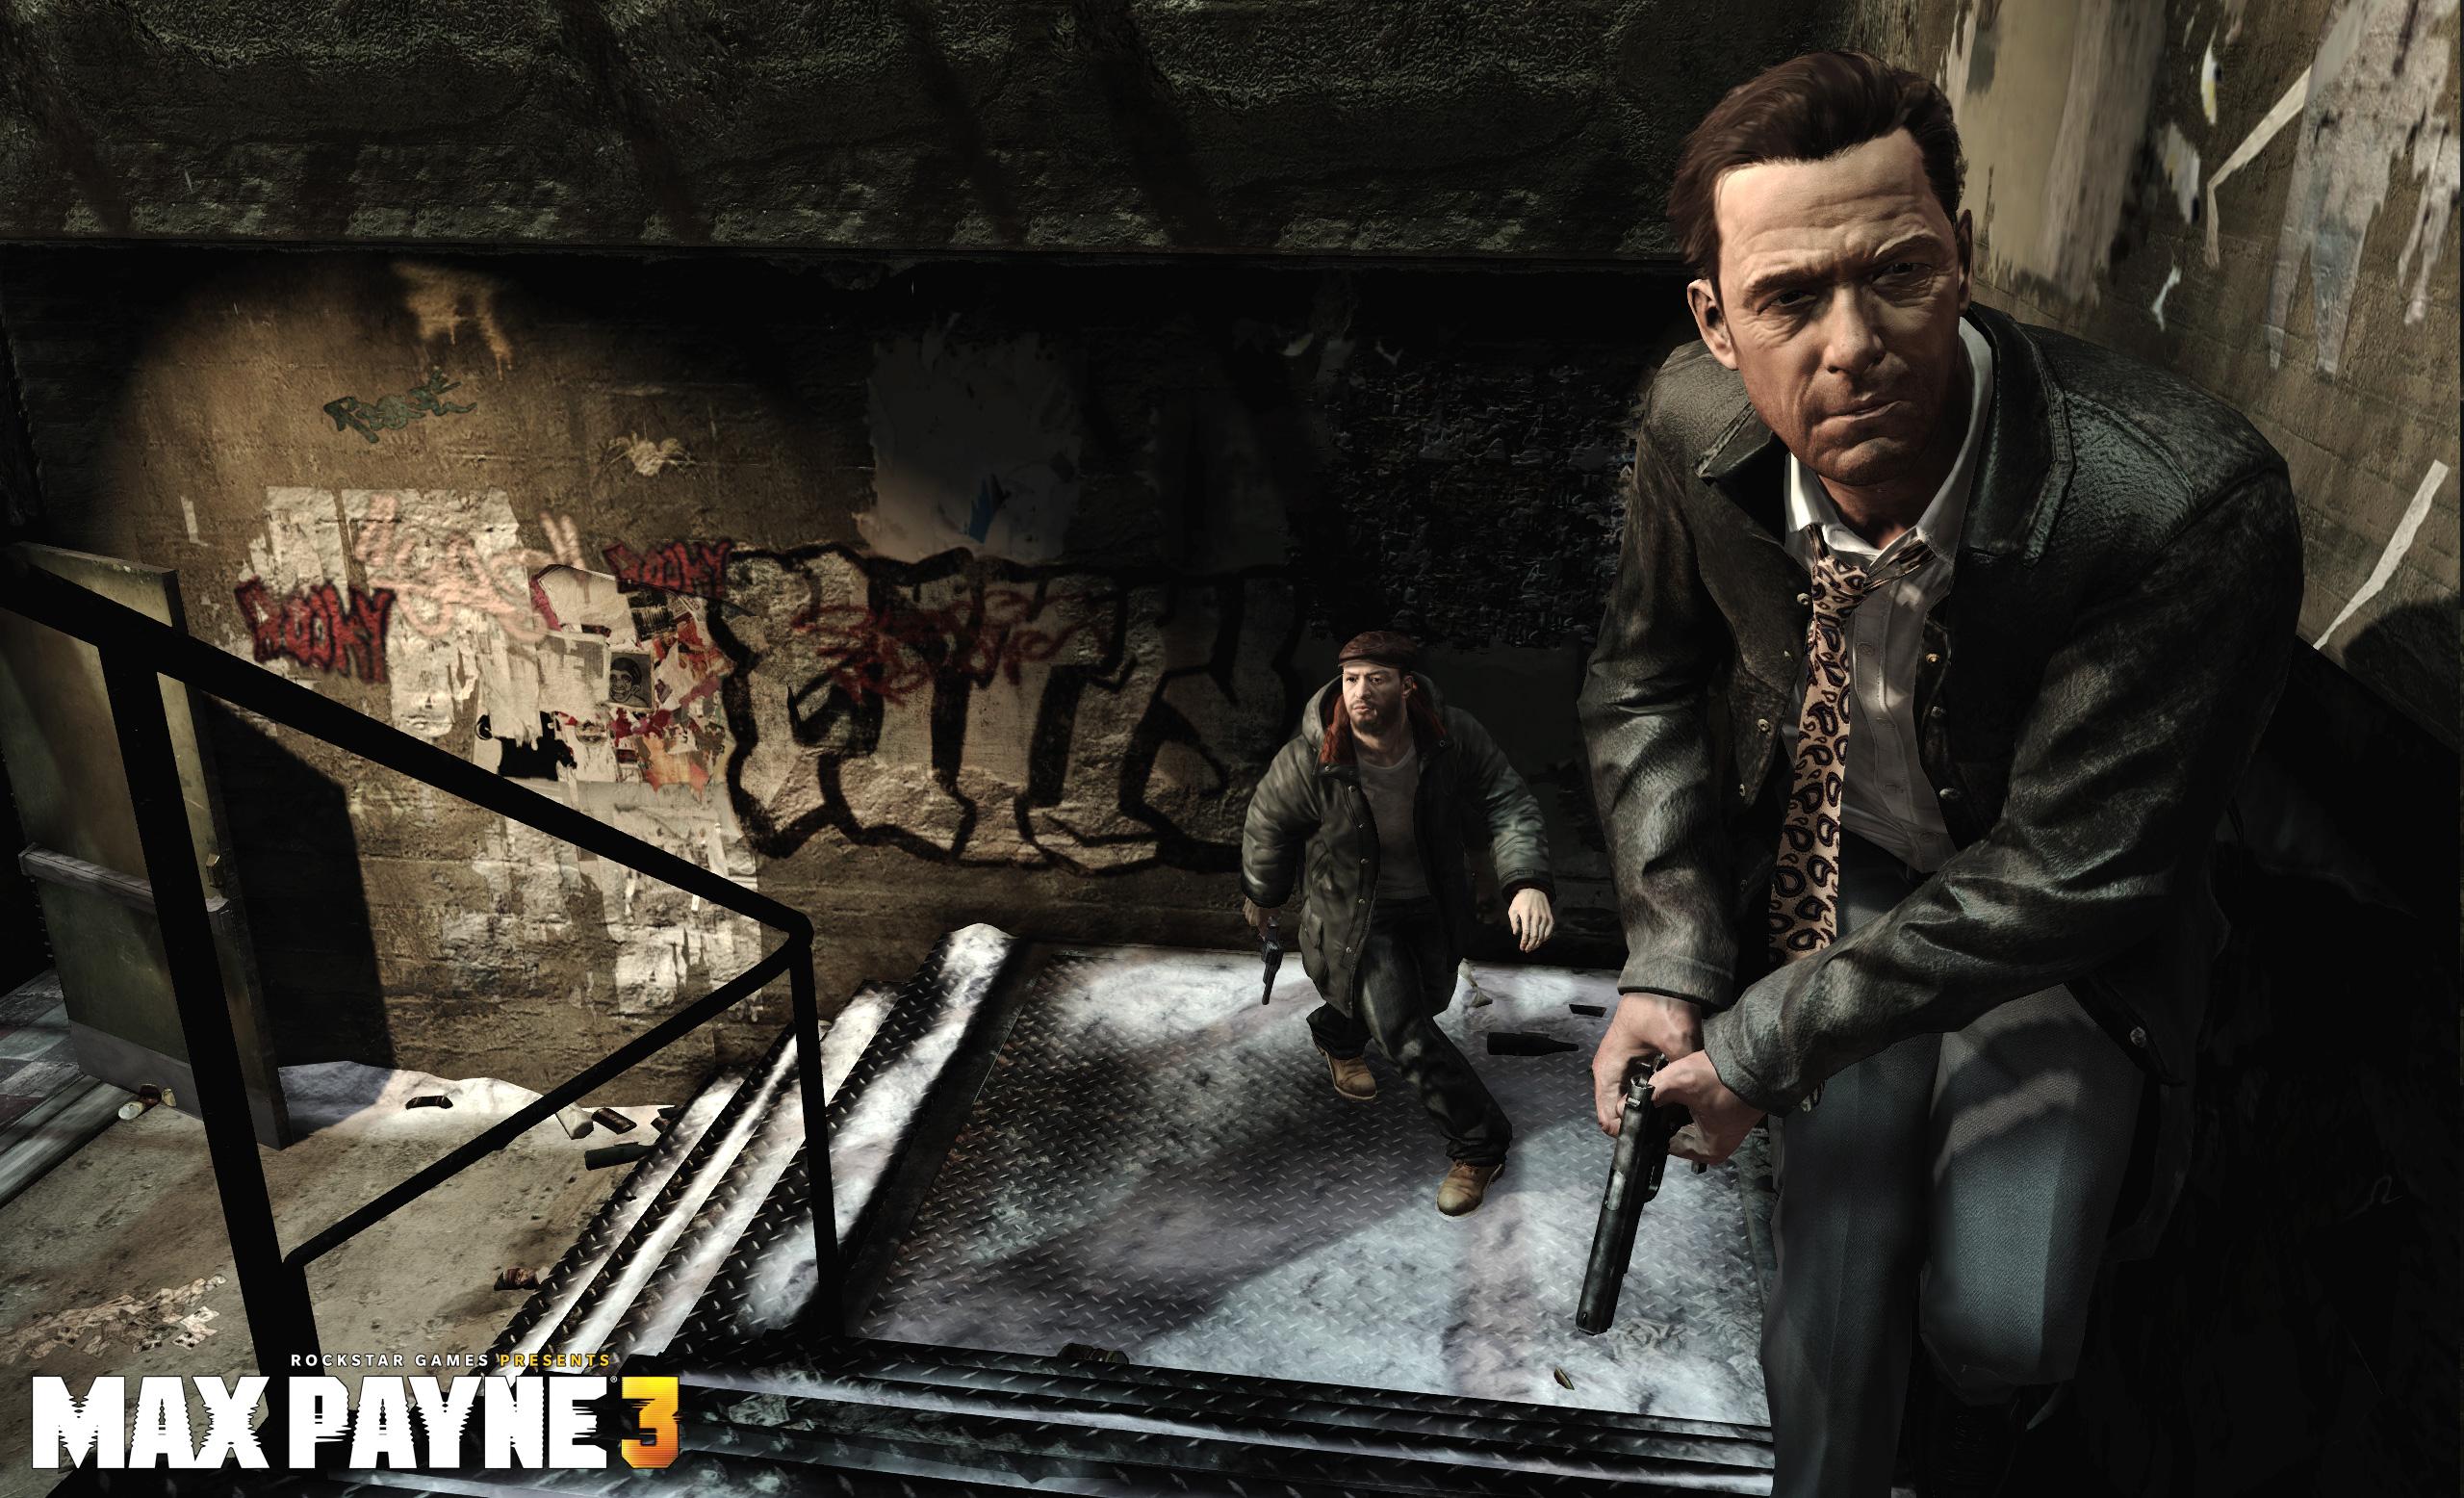 Max Payne 3, más detalles sobre su modo multijugador [Vídeo]